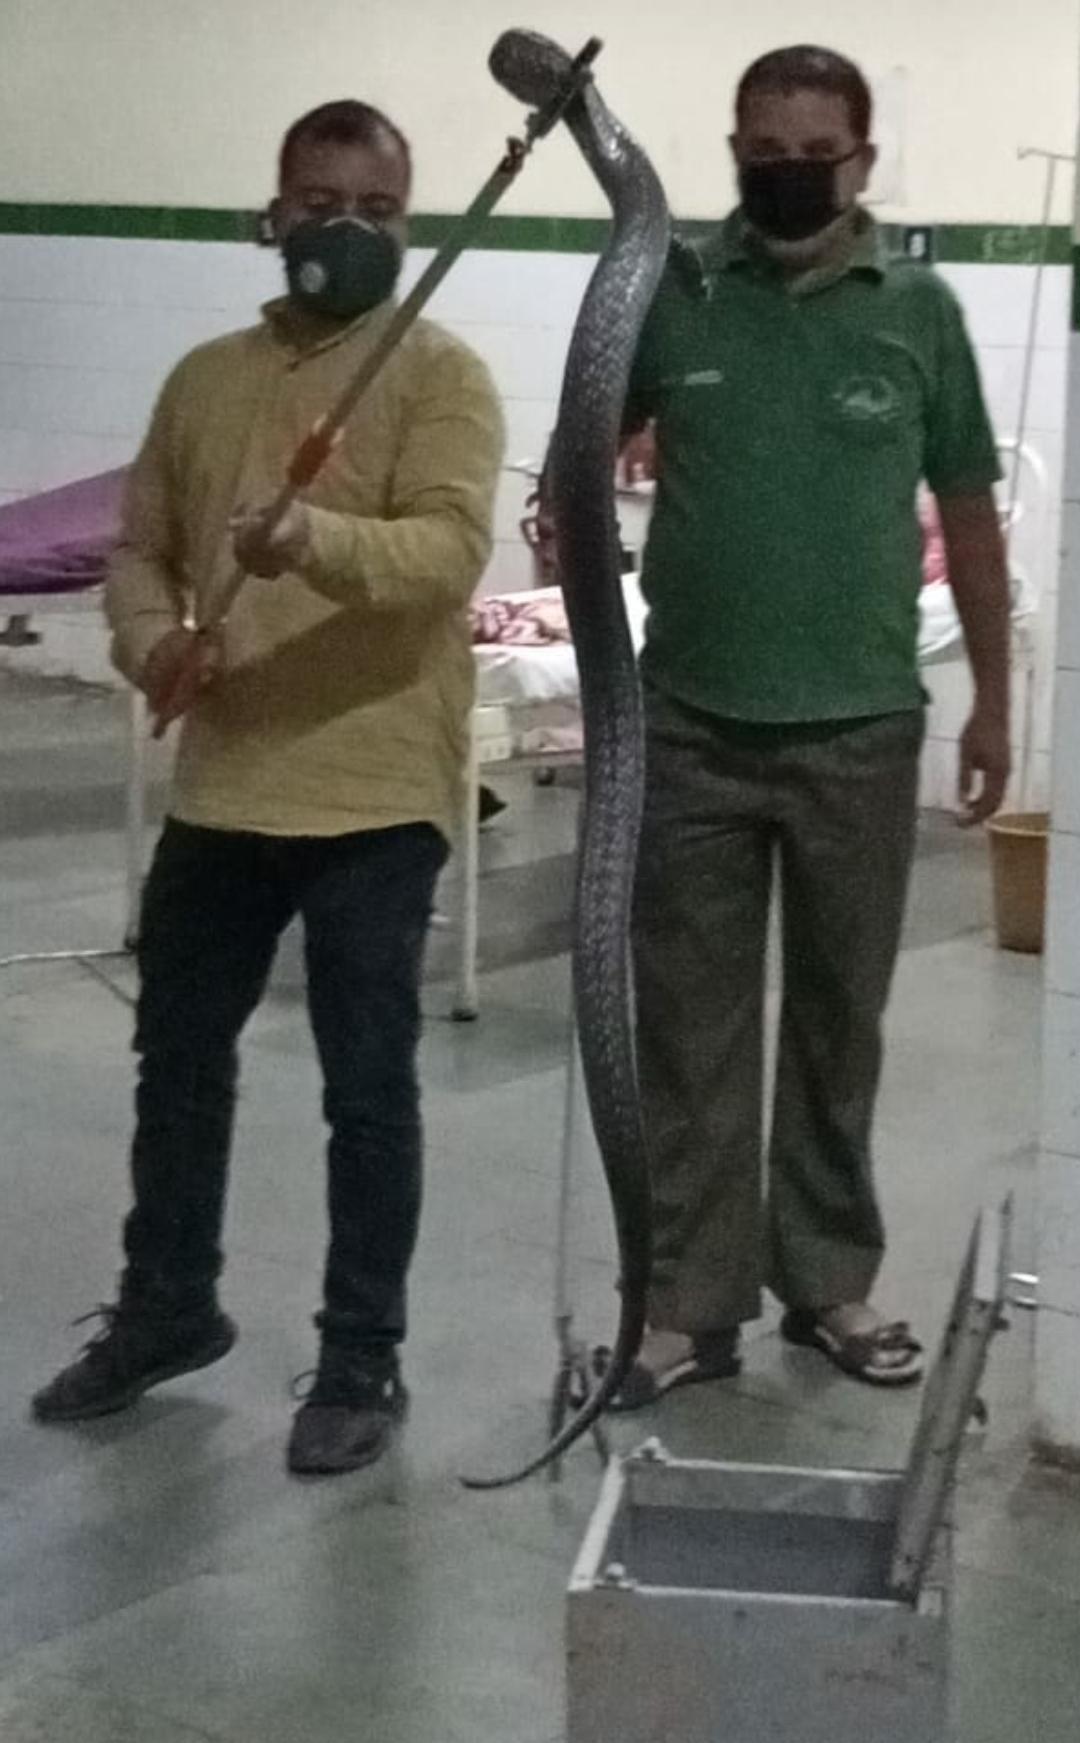 कैंसर रोगियों के वार्ड में फन फैलाकर बैठा कोबरा, वन विभाग की टीम पहुंची तब तक हो चुका यह हाल